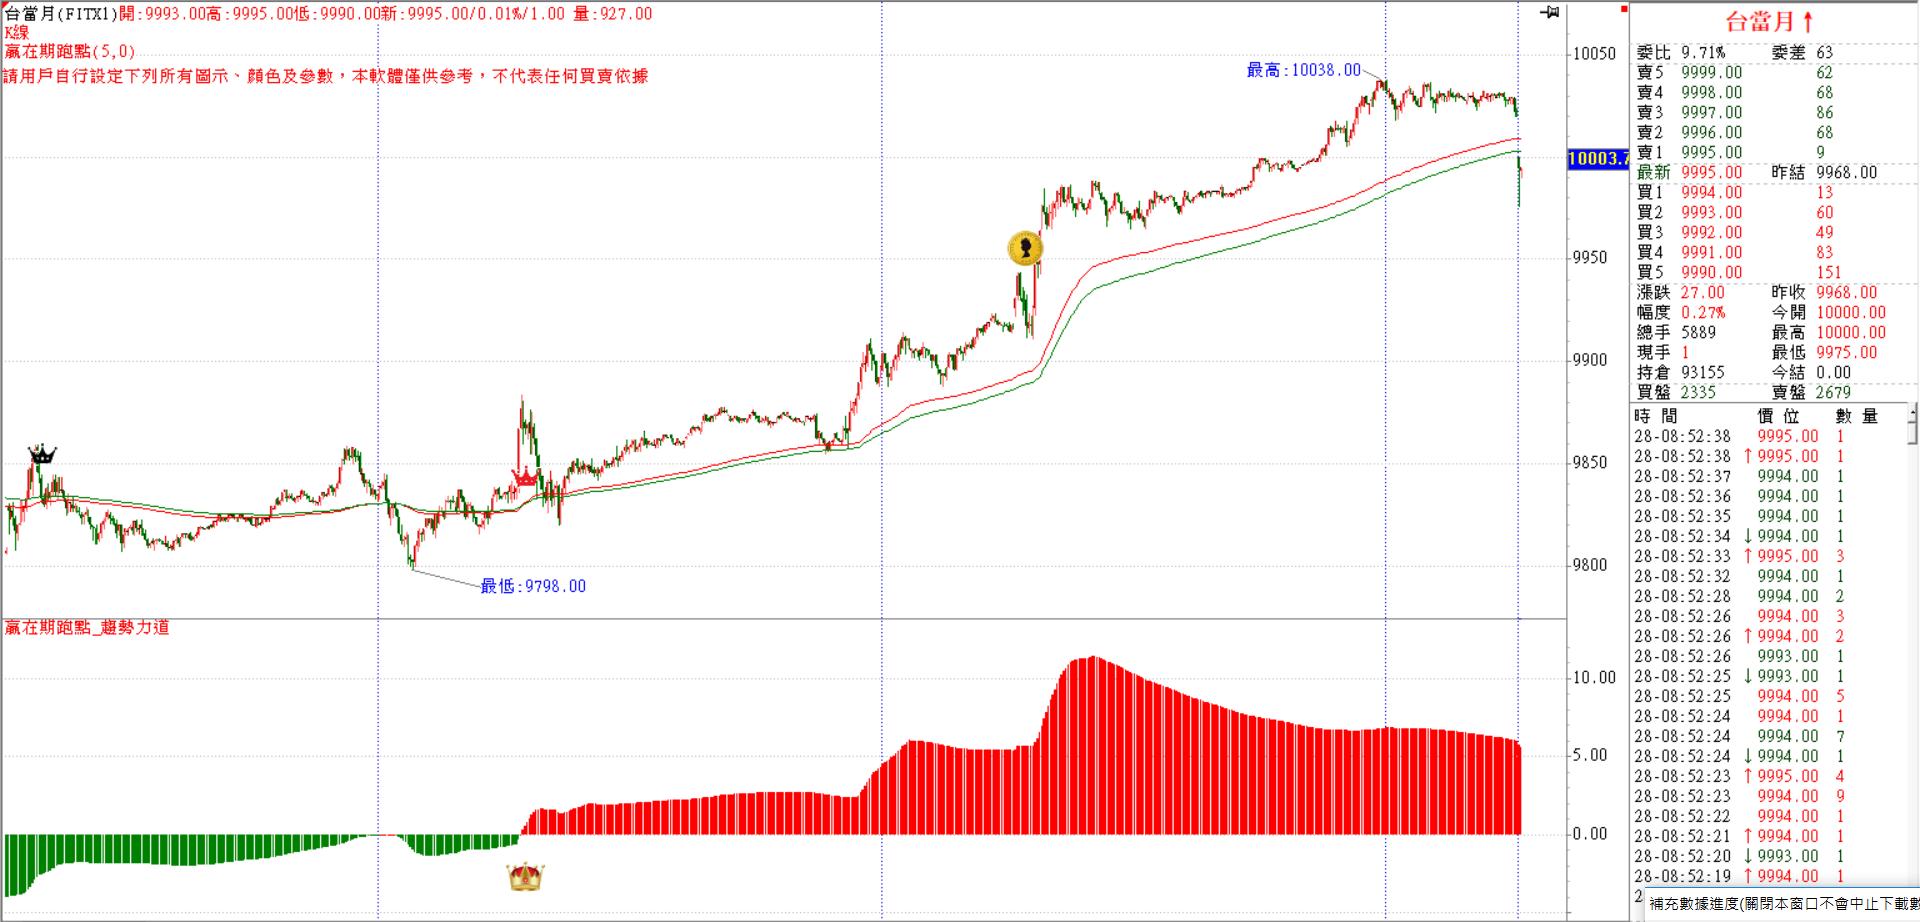 台股封關行情 有機會持續上漲挑戰10063缺口